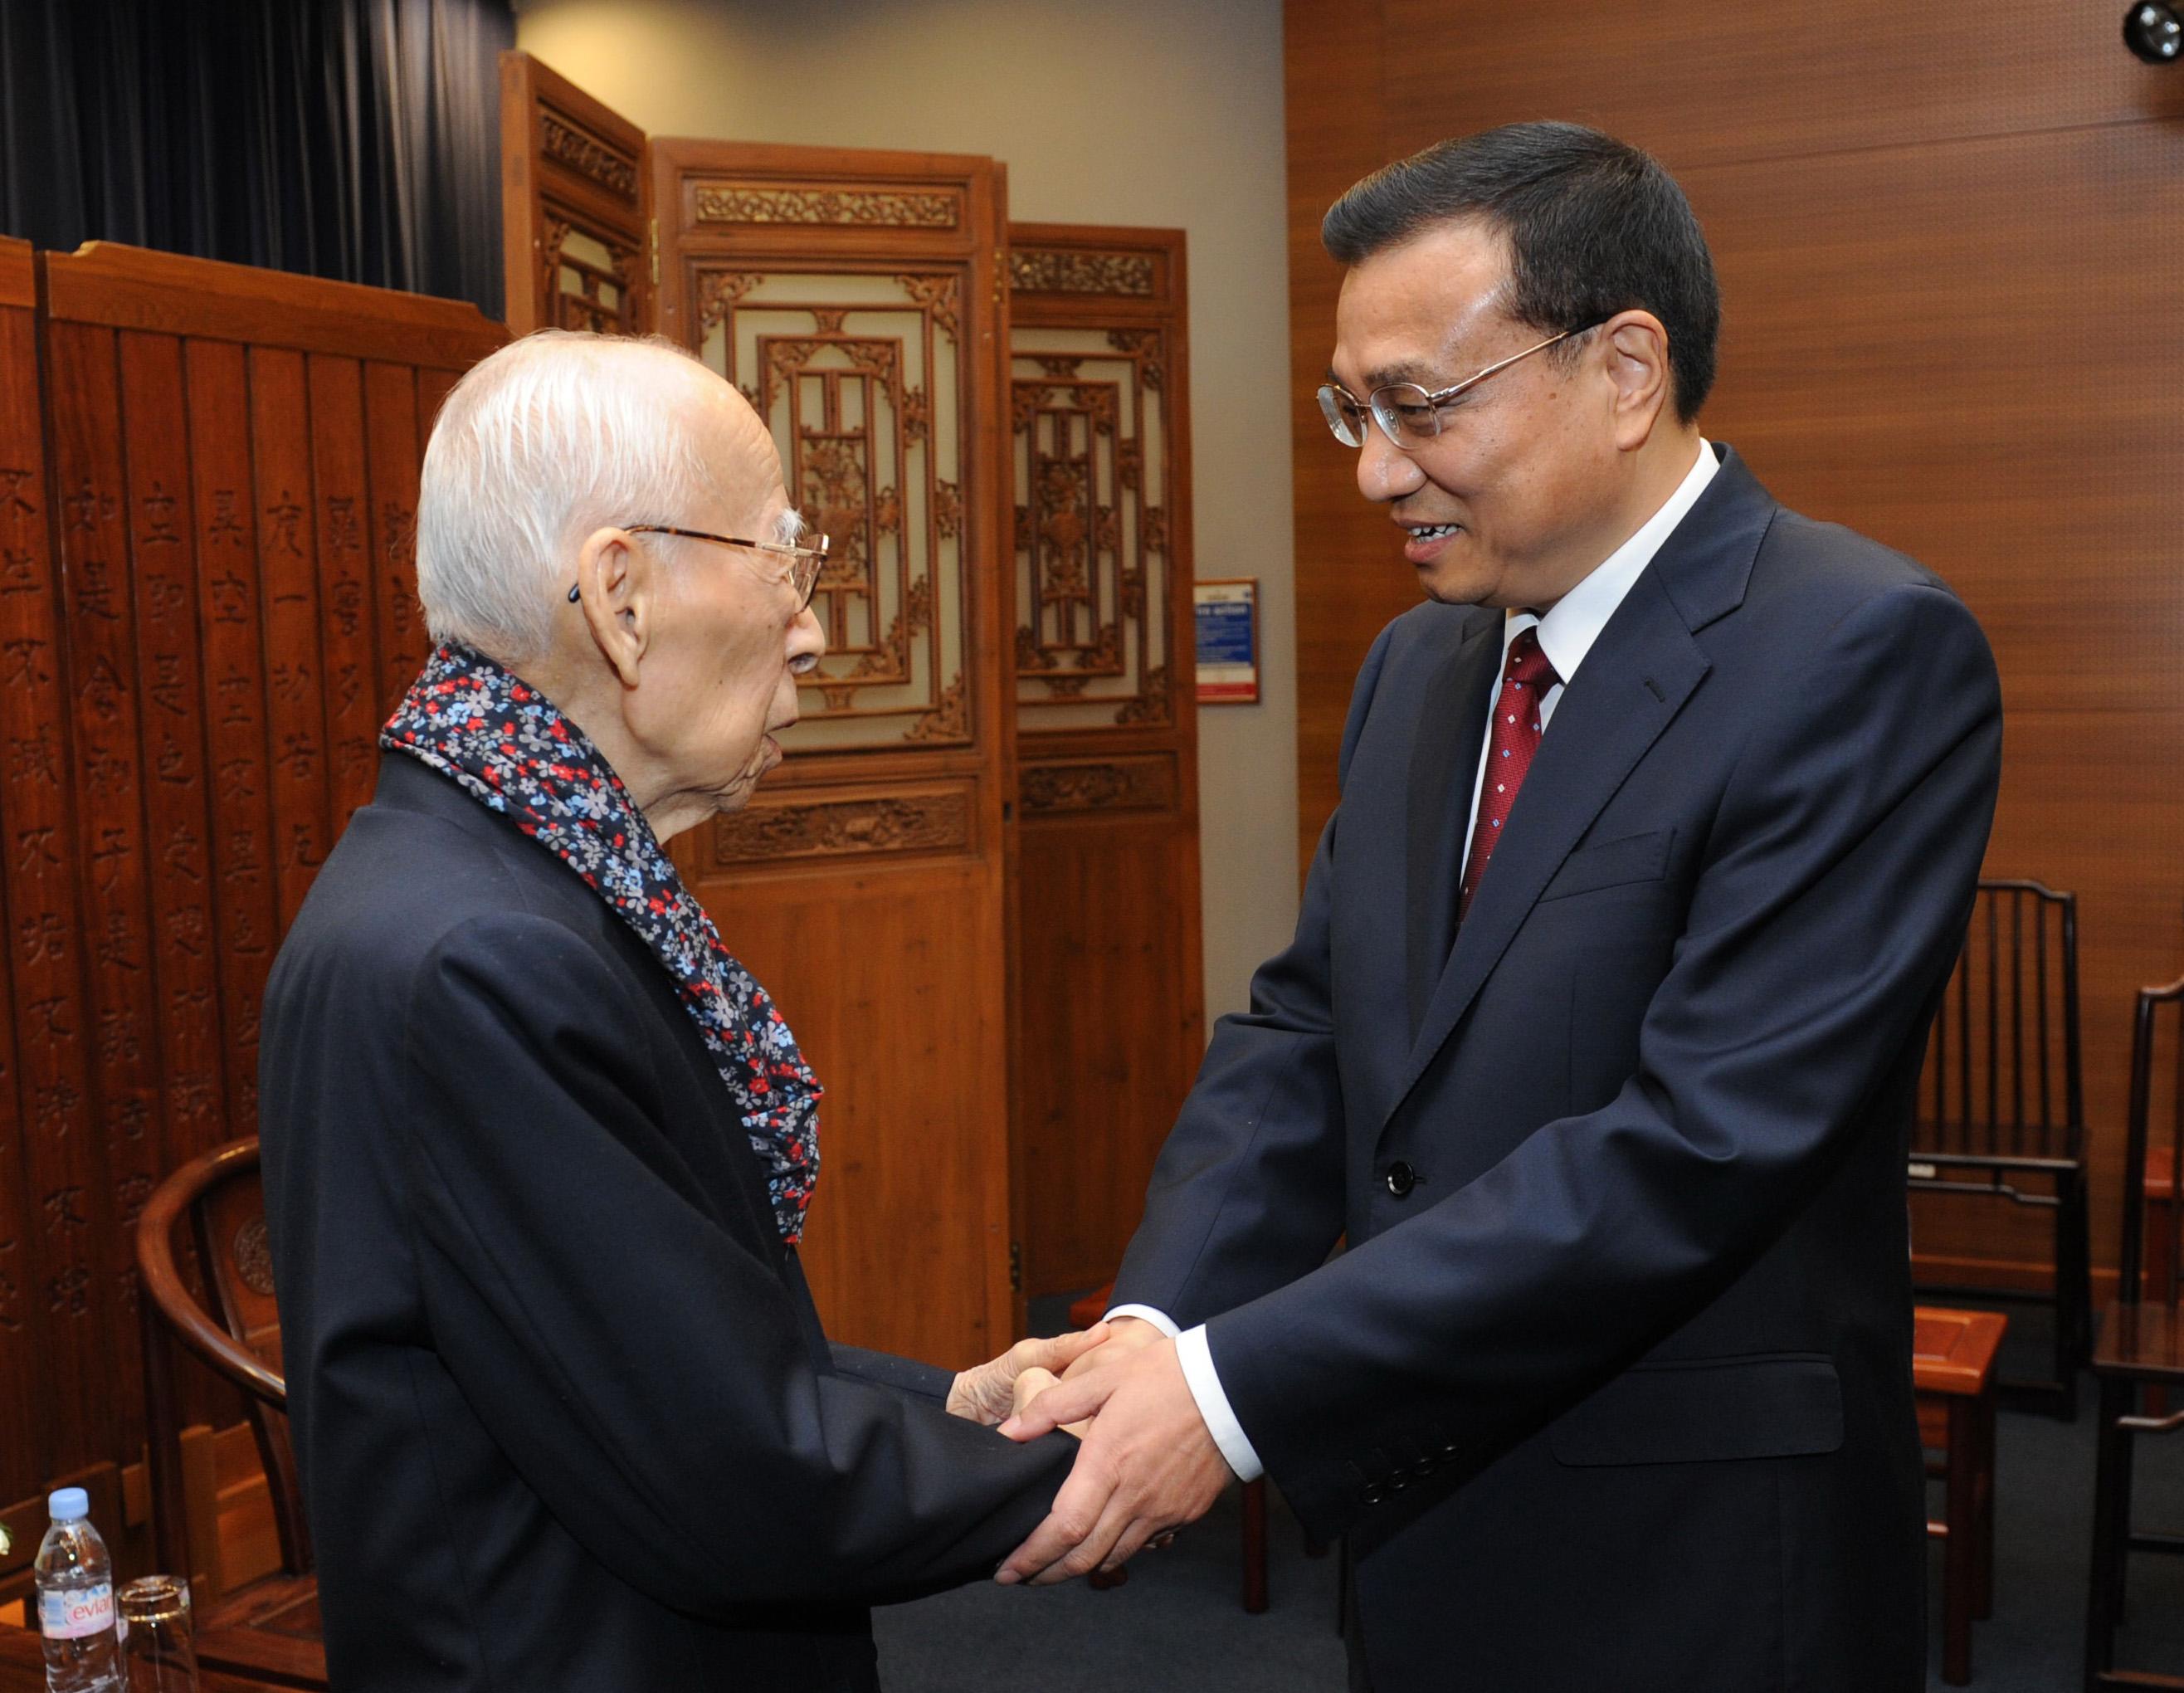 2011年8月18日,時任國務院副總理的李克強在香港大學看望饒宗頤先生(新華社)